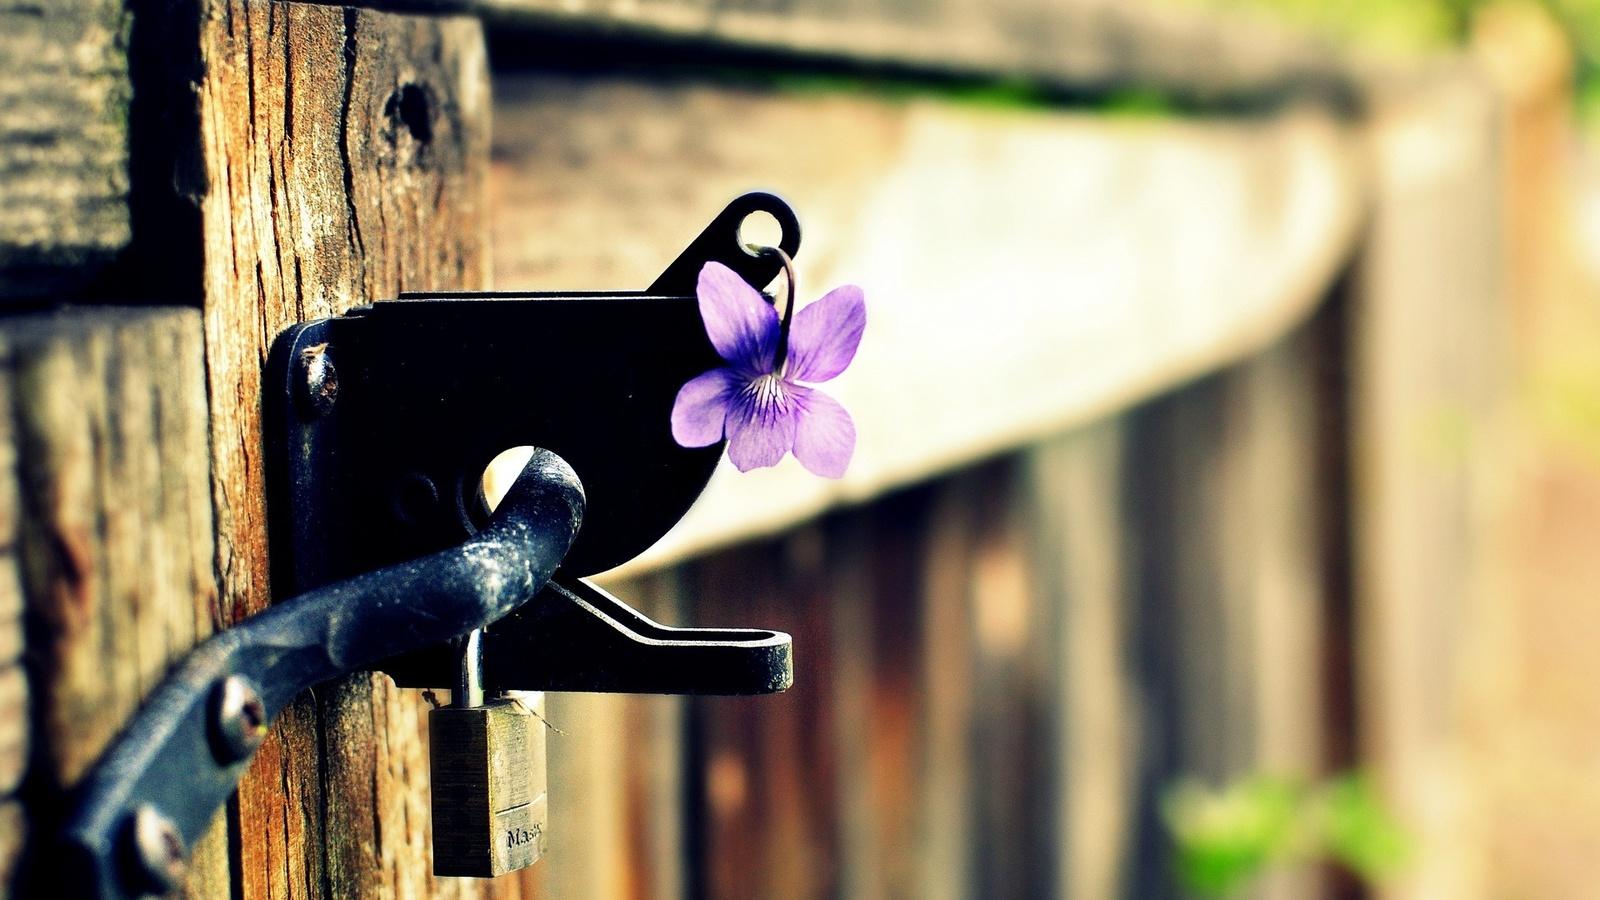 забор, цветок, замок, фиолетовый, Макро, цветочек